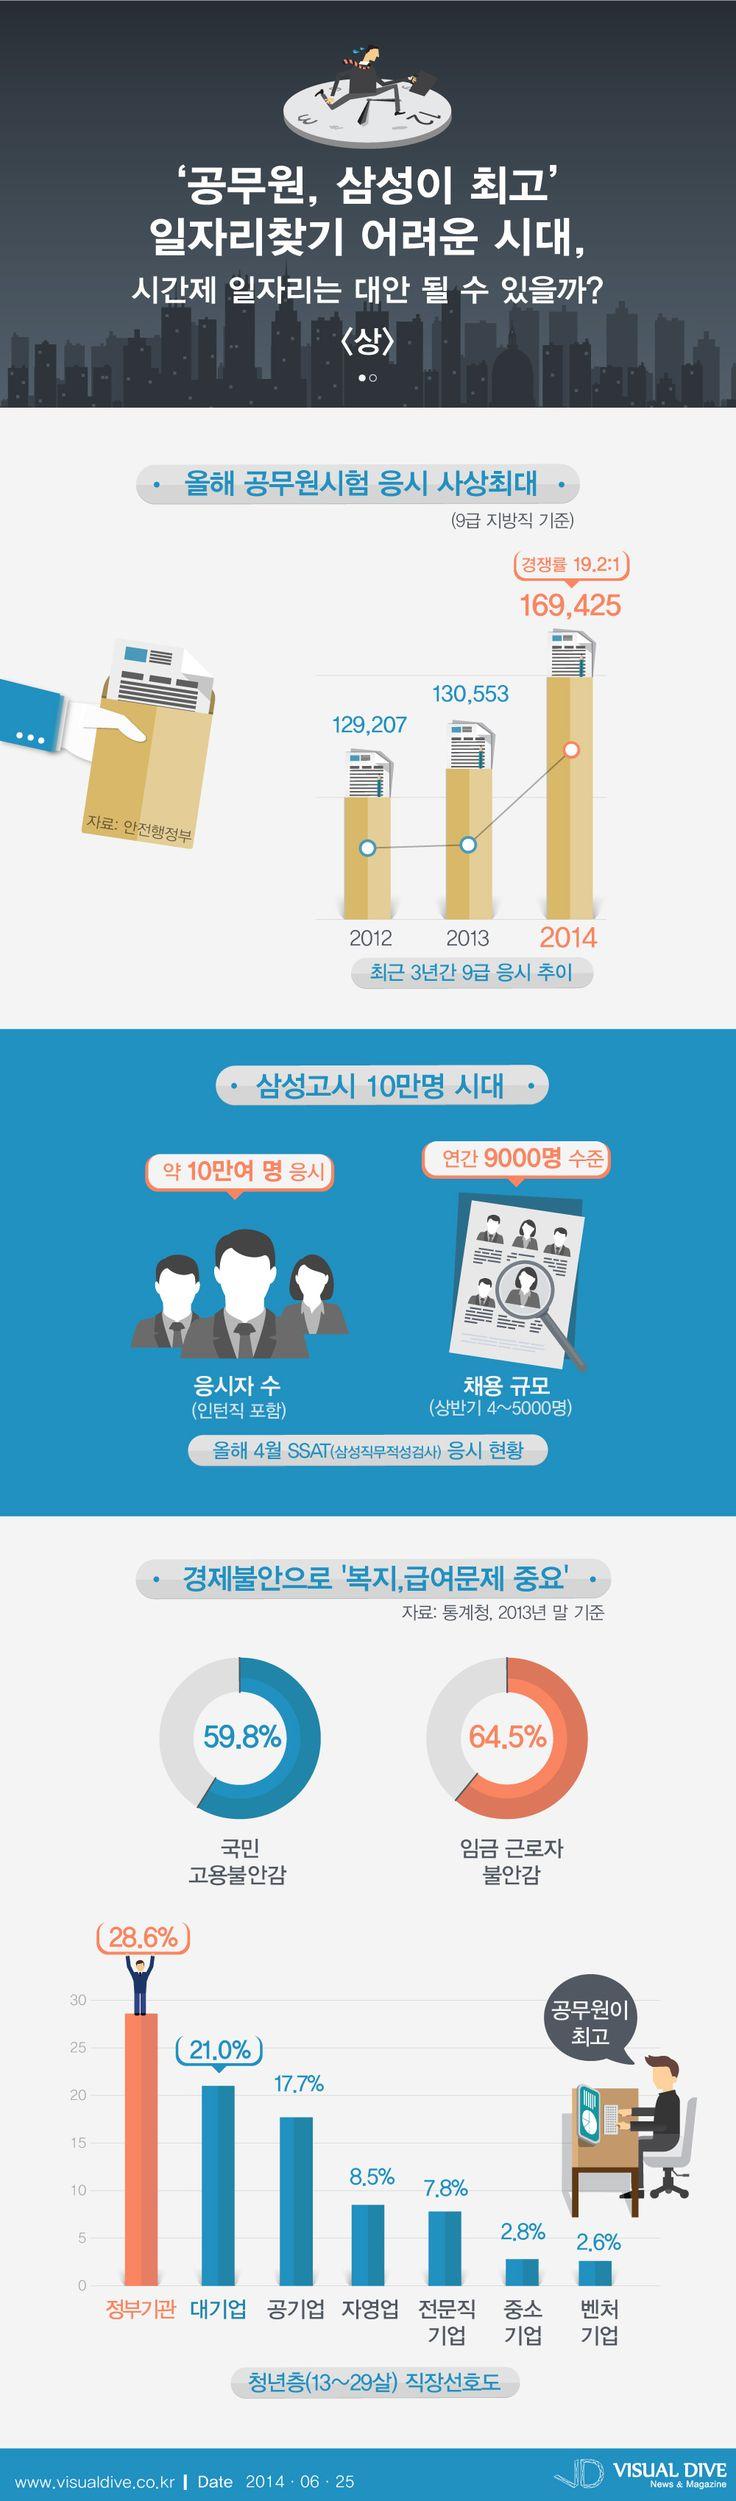 '공무원, 삼성이 최고' 취업 어려운 시대, 시간제 일자리는 대안 될 수 있을까 [인포그래픽] #samsung / #Infographic ⓒ 비주얼다이브 무단 복사·전재·재배포 금지